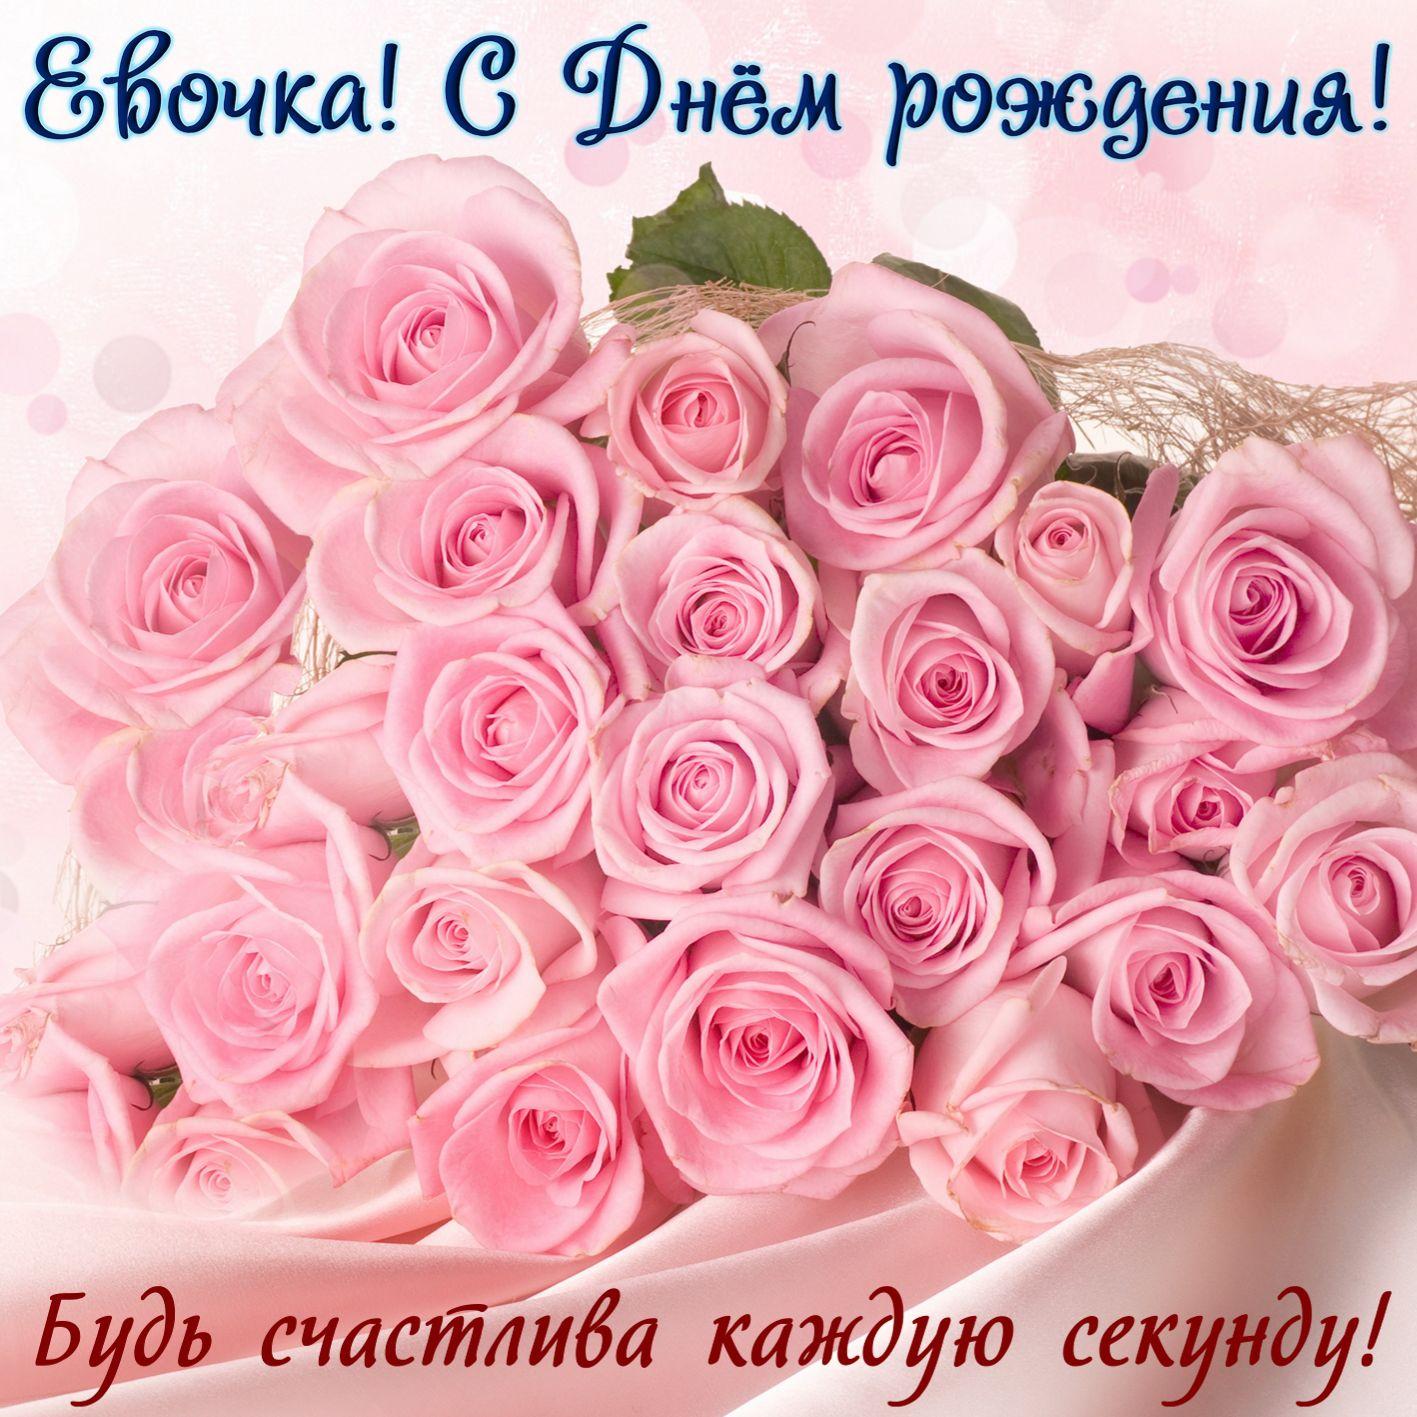 поздравление розе в прозе первого